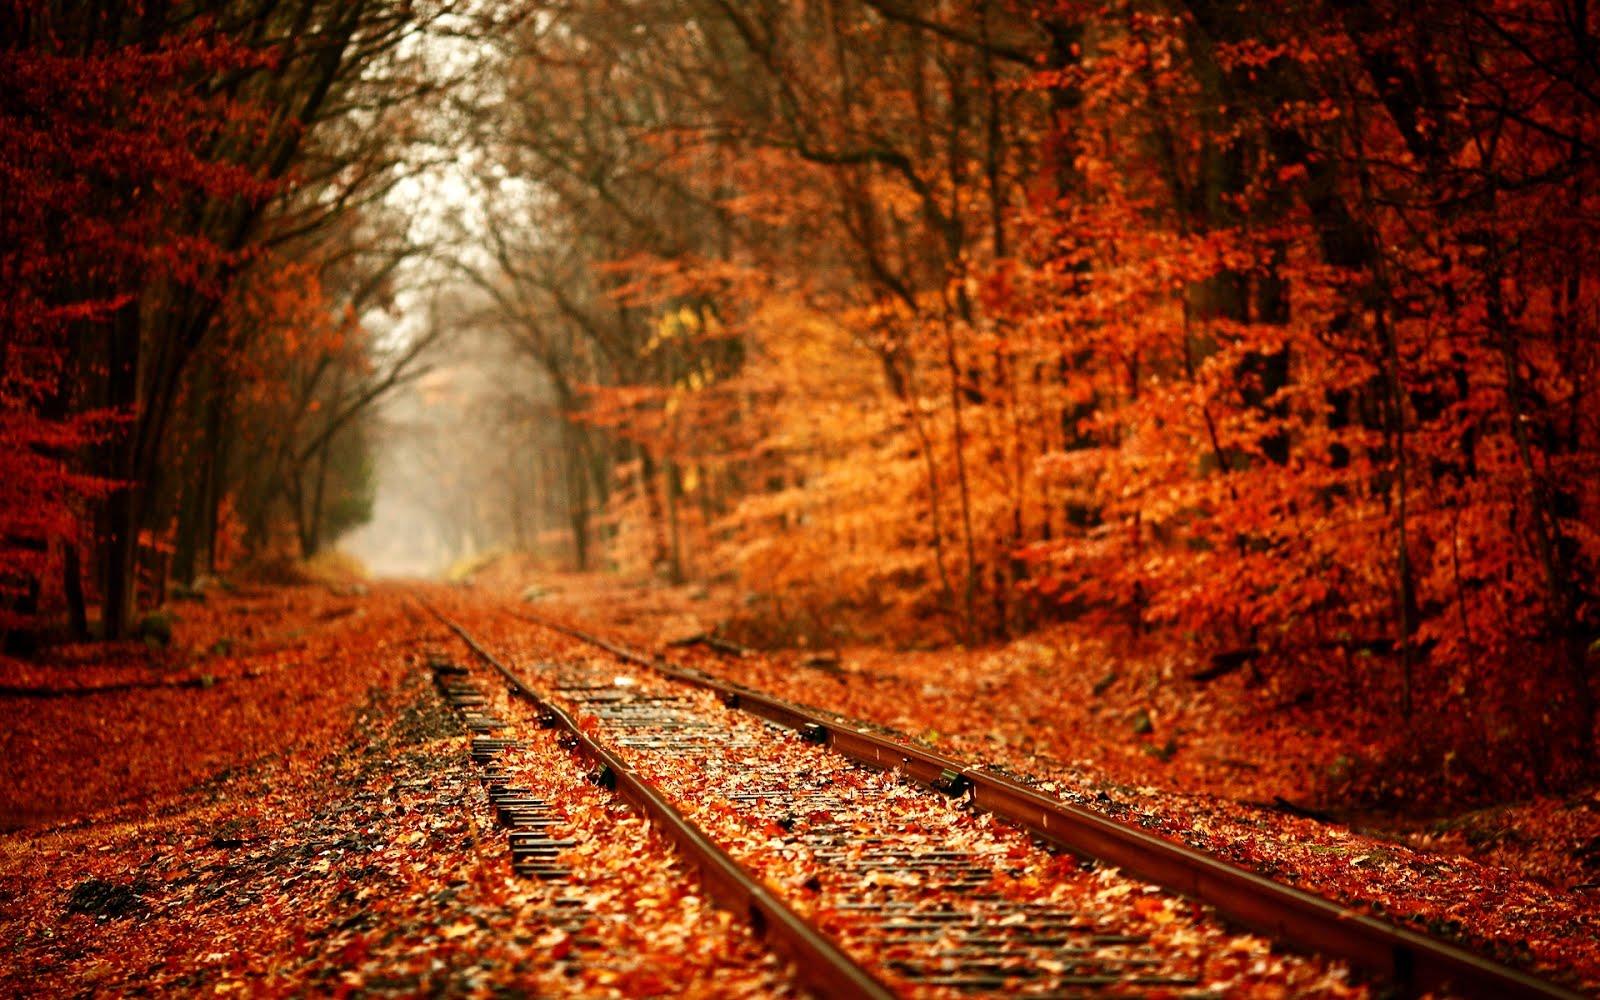 UN DESCANSO EN EL CAMINO - Página 39 Leaves-over-railway-1920x1200-wallpaper-recuerdos-de-oto%25C3%25B1o-autumn